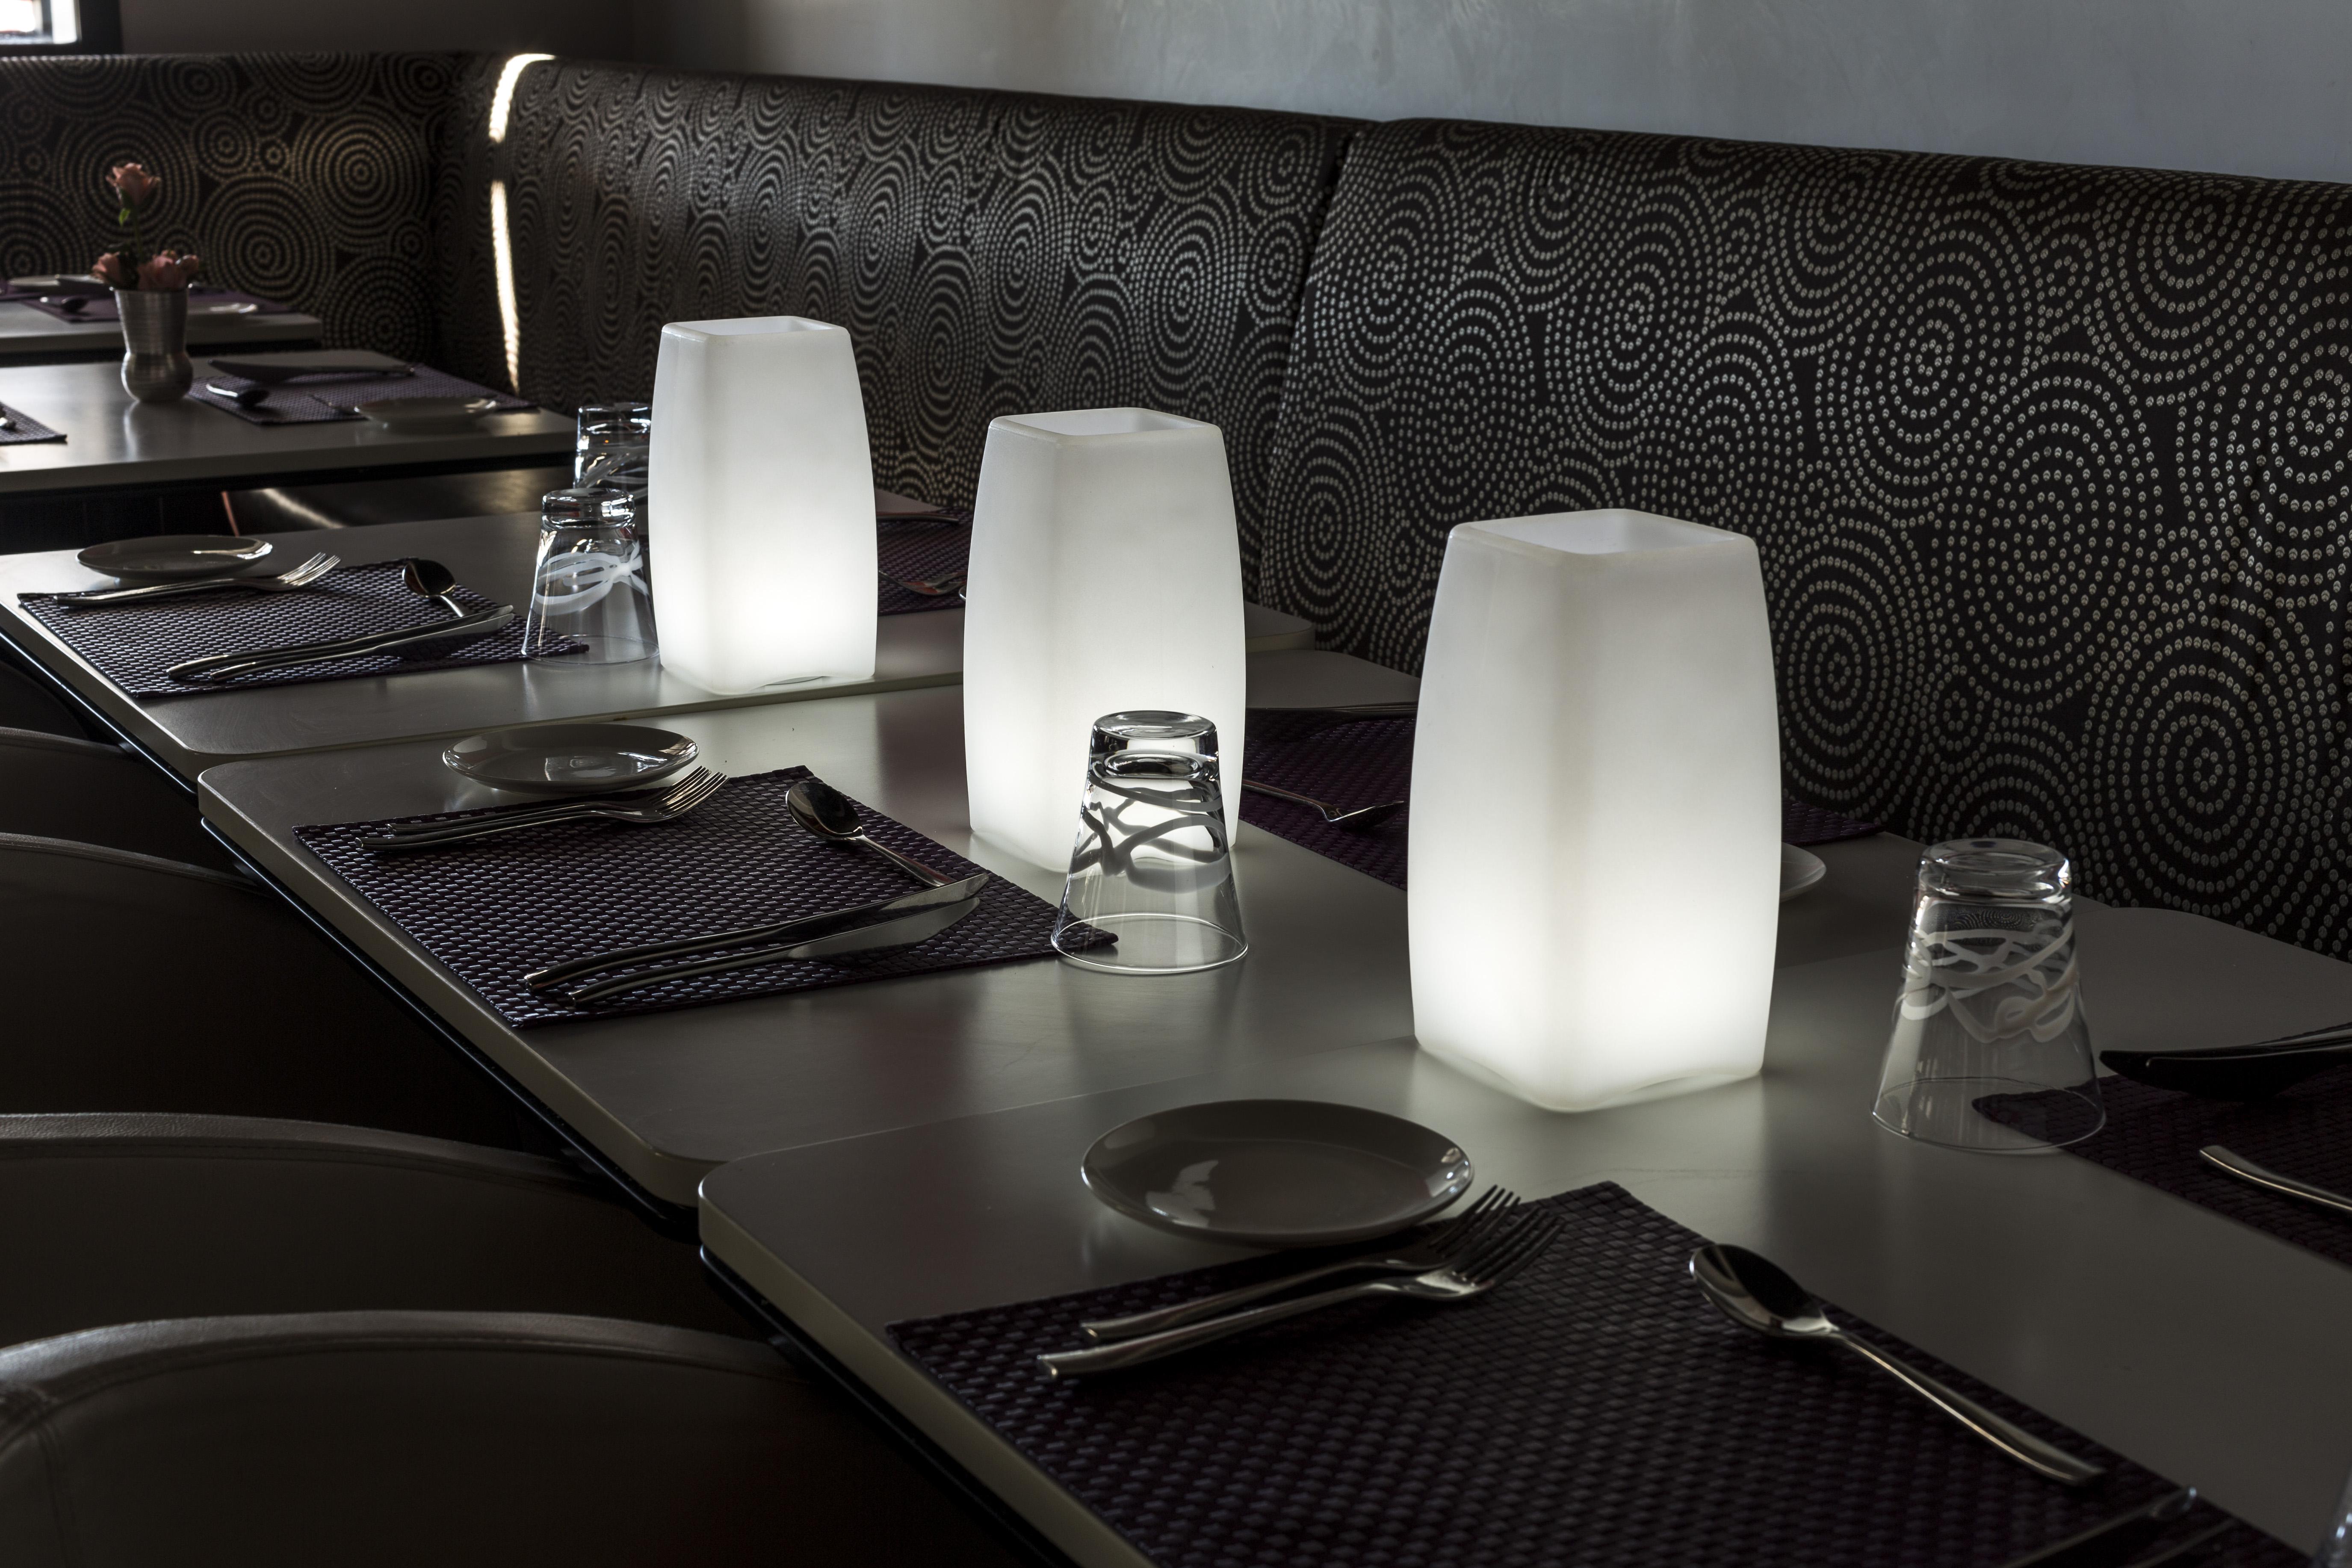 led tischlampe led tischleuchte gastronomie tischleuchte. Black Bedroom Furniture Sets. Home Design Ideas